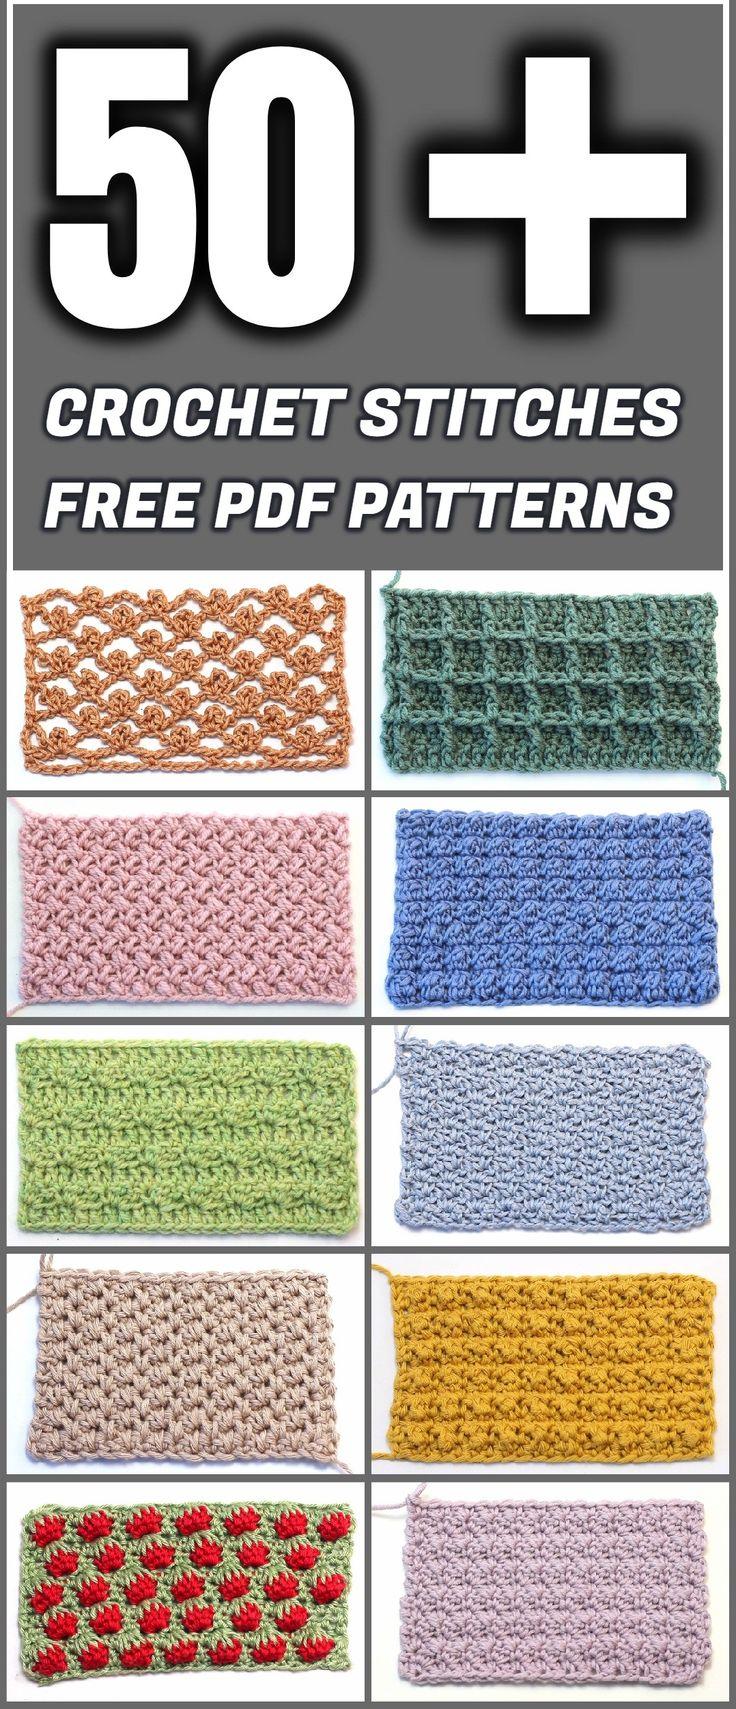 50+ Crochet Stitches Free PDF Patterns